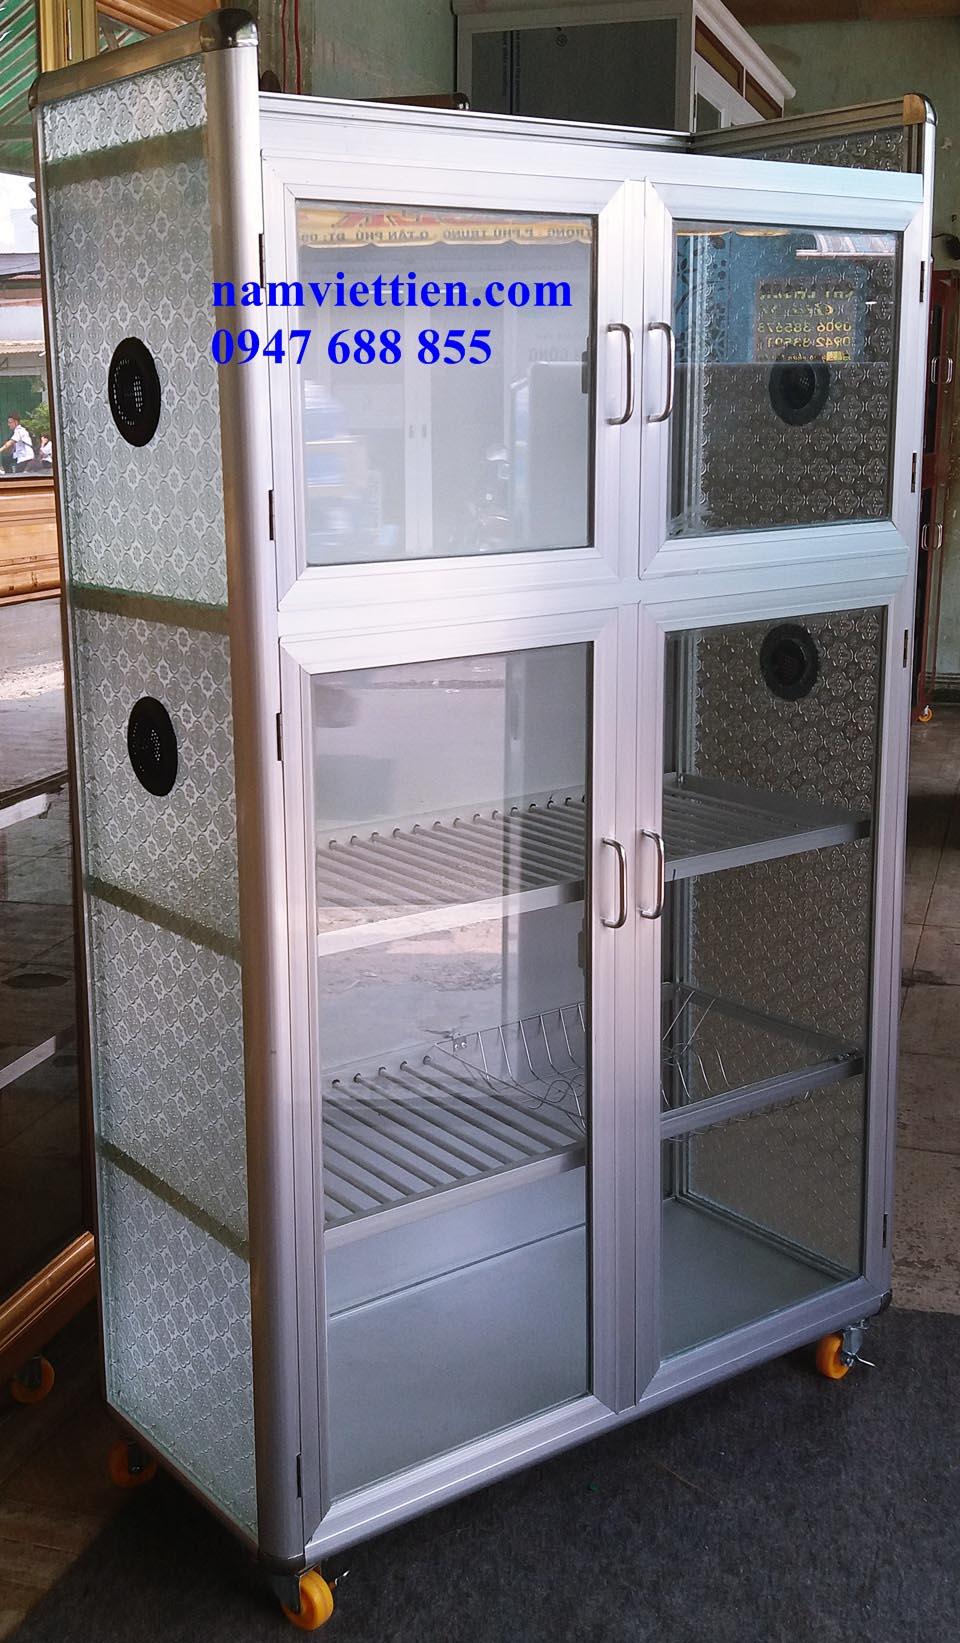 20180323 122915 - Các loại tủ đựng chén nhôm kính giá rẻ